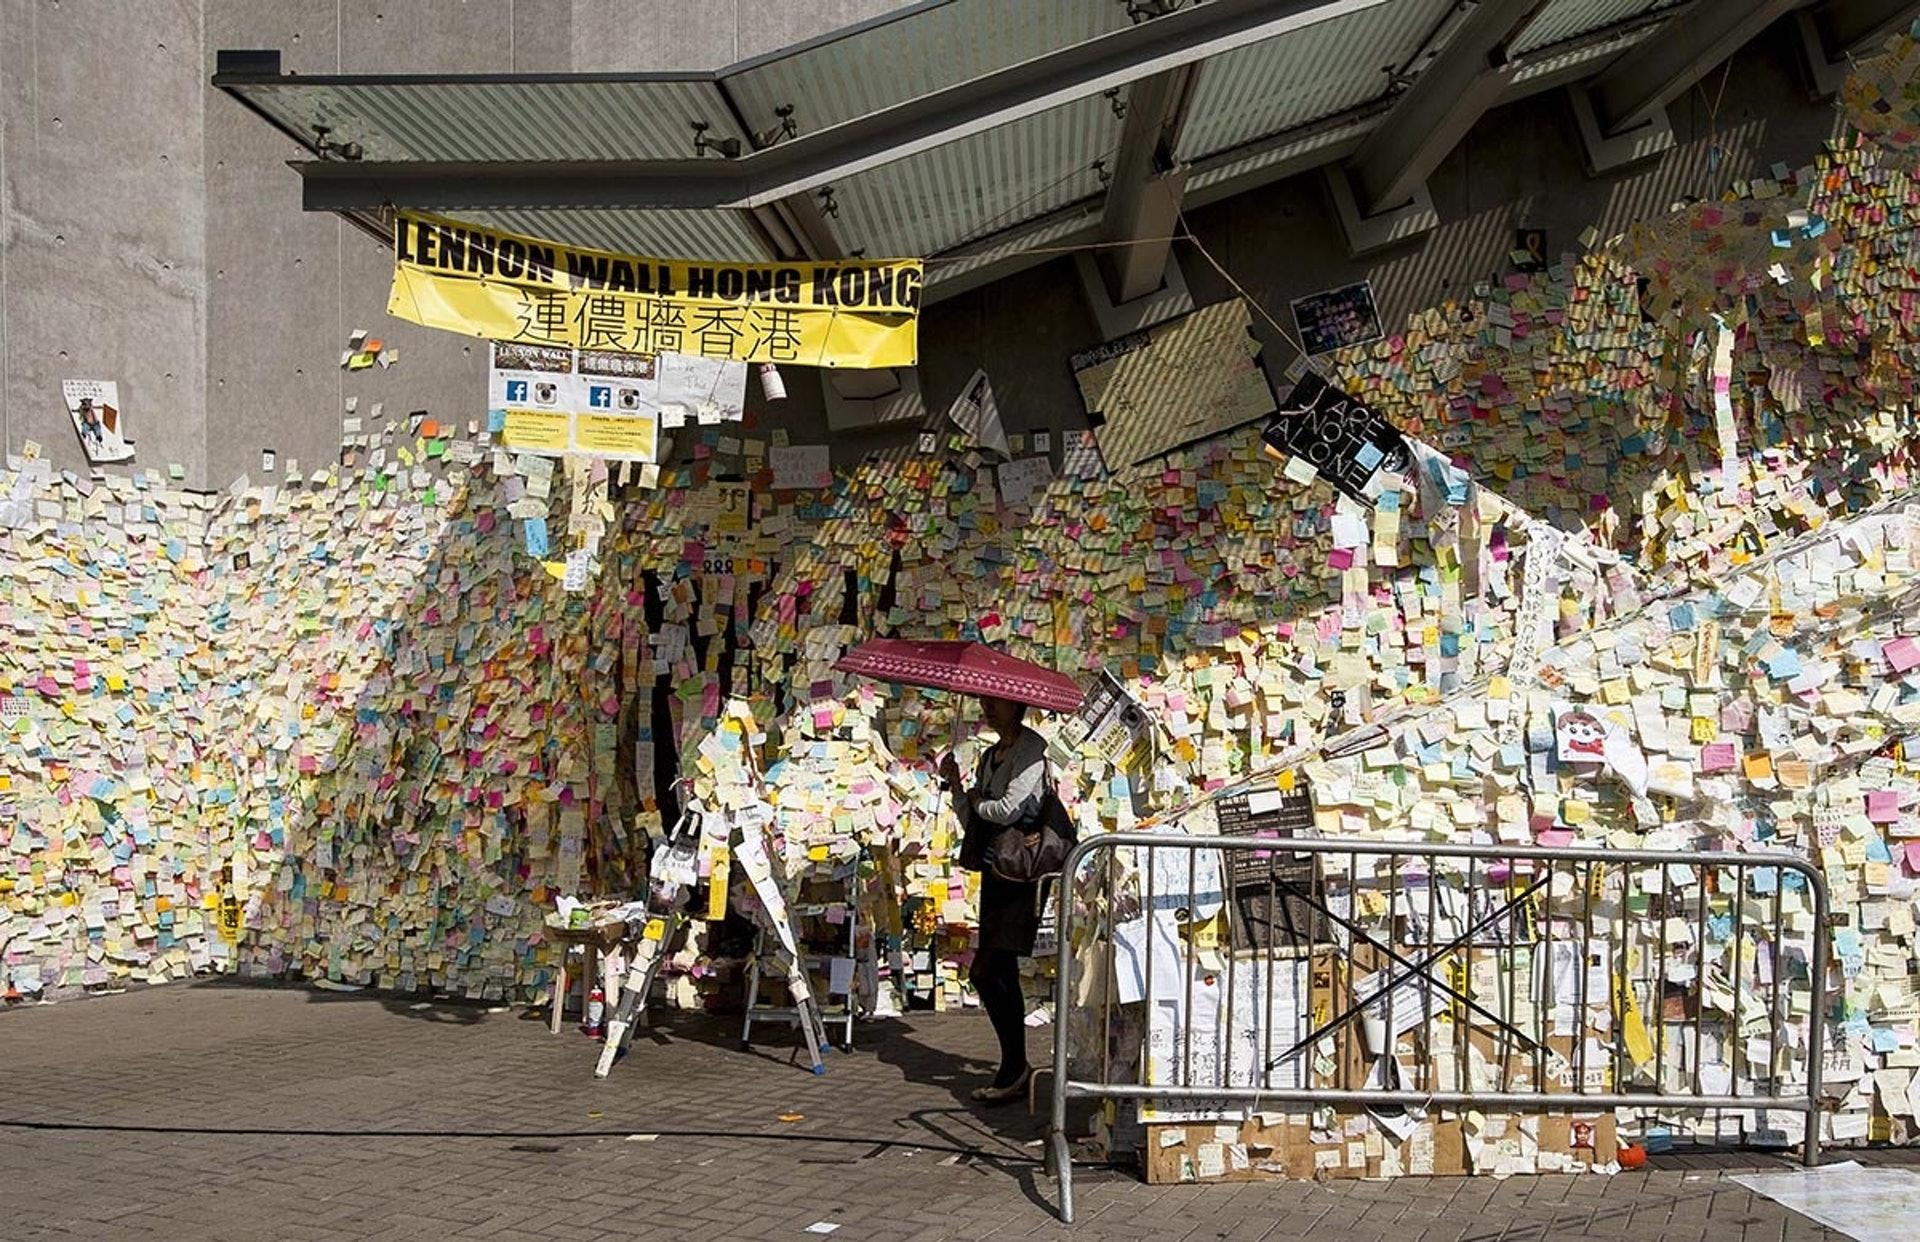 【雨傘運動】2014年9月28日,佔領運動開始,長達79日。金鐘有連儂牆,寫滿示威者心聲。(法新社)